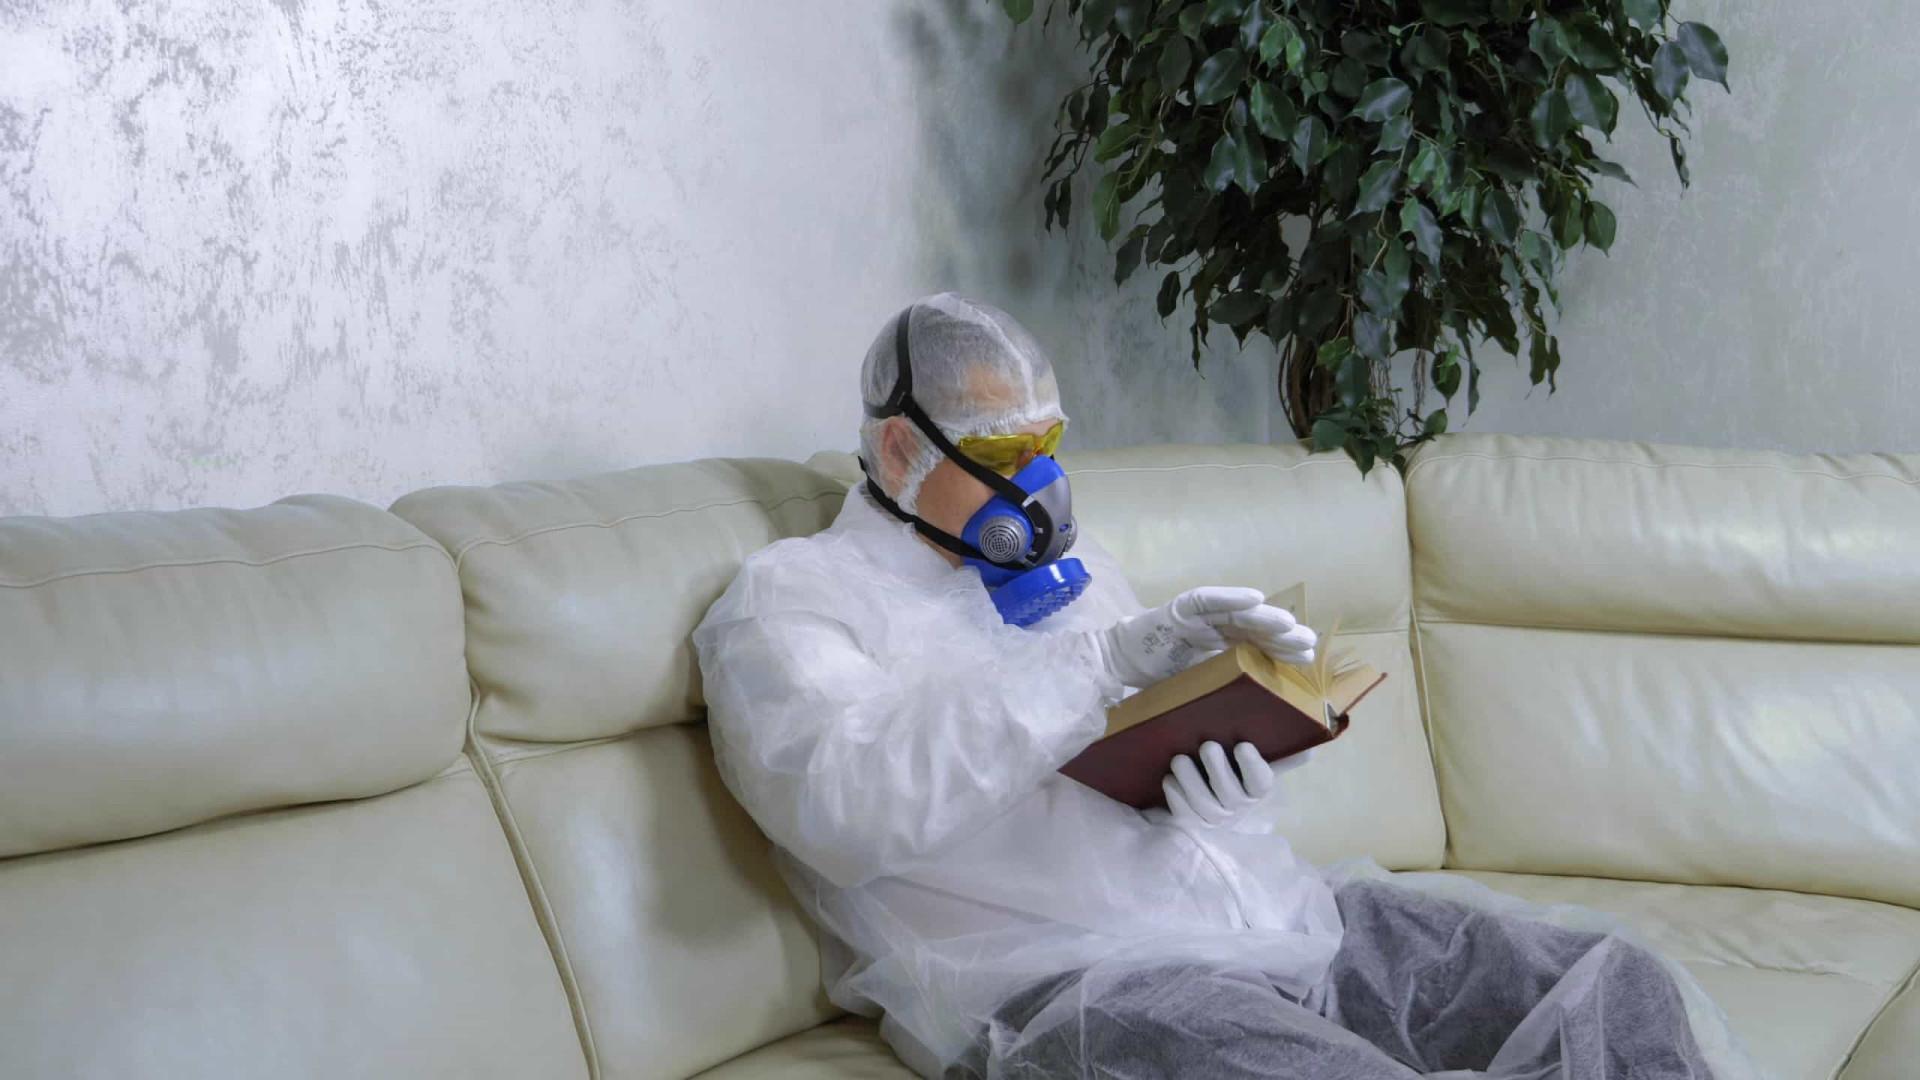 Brasil acumula 159,4 mil mortes por covid-19 desde início da pandemia